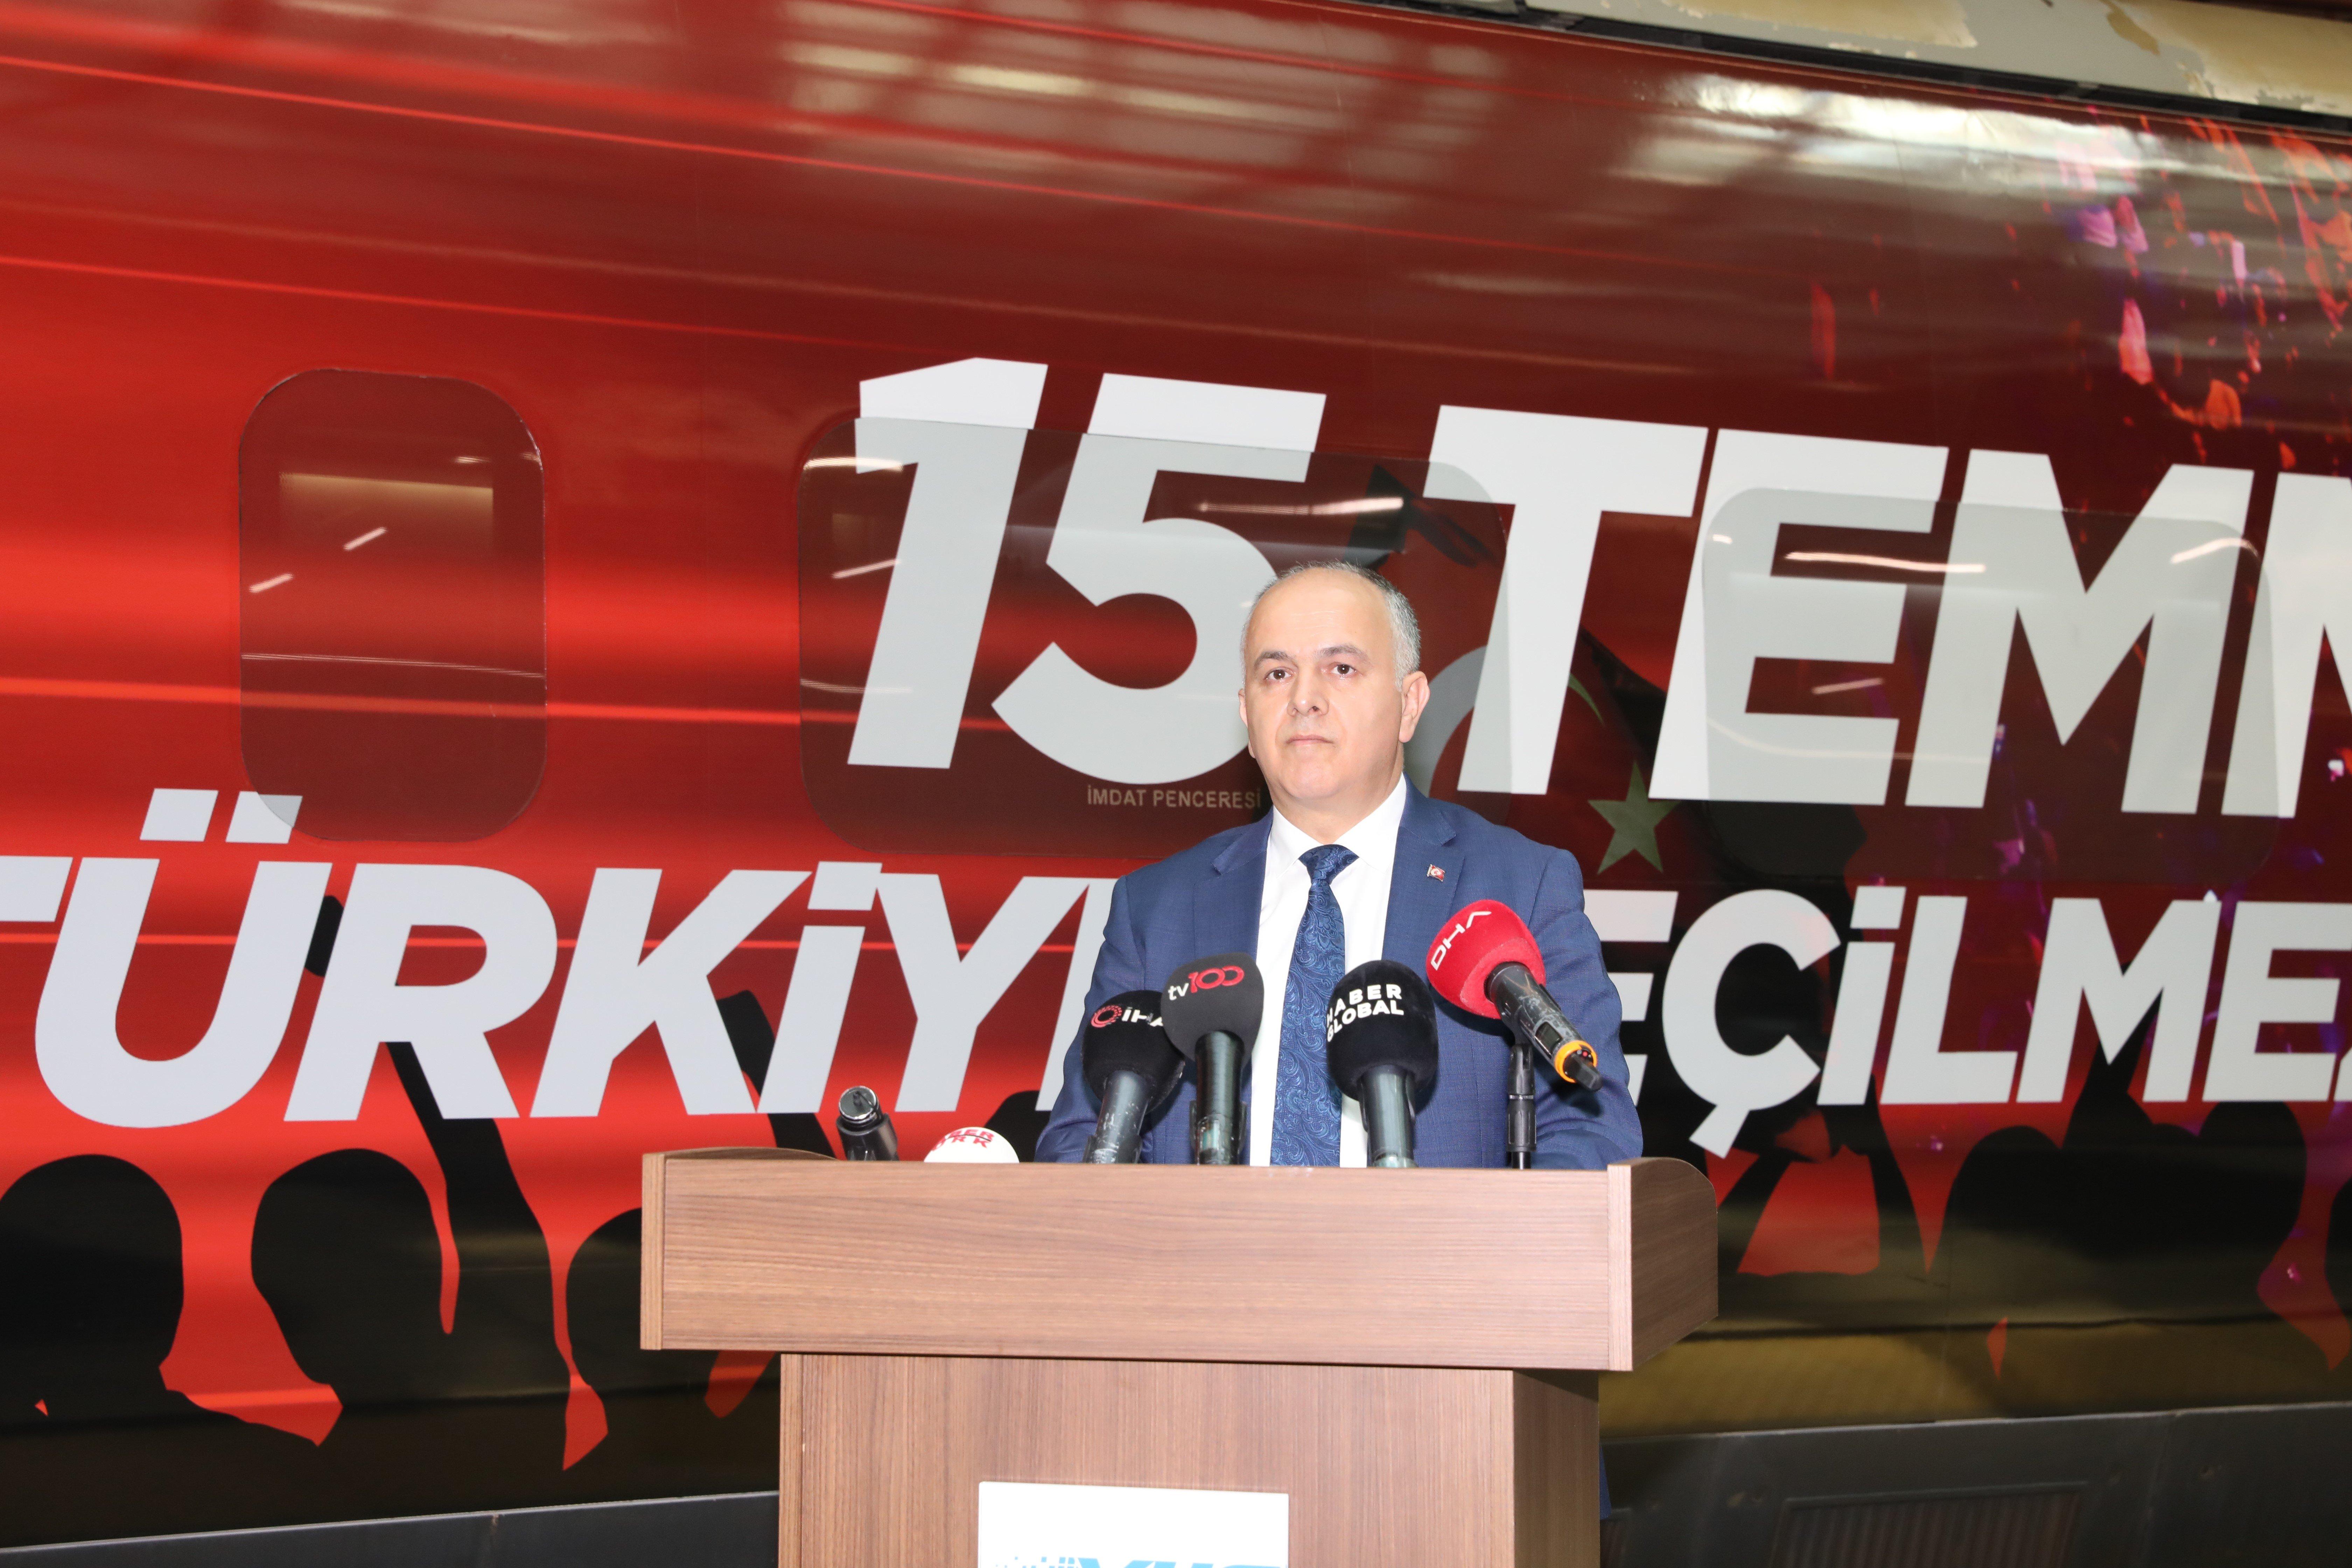 15 TEMMUZ DEMOKRASİ VE MİLLİ BİRLİK TRENİ ANKARA'DAN UĞURLANDI